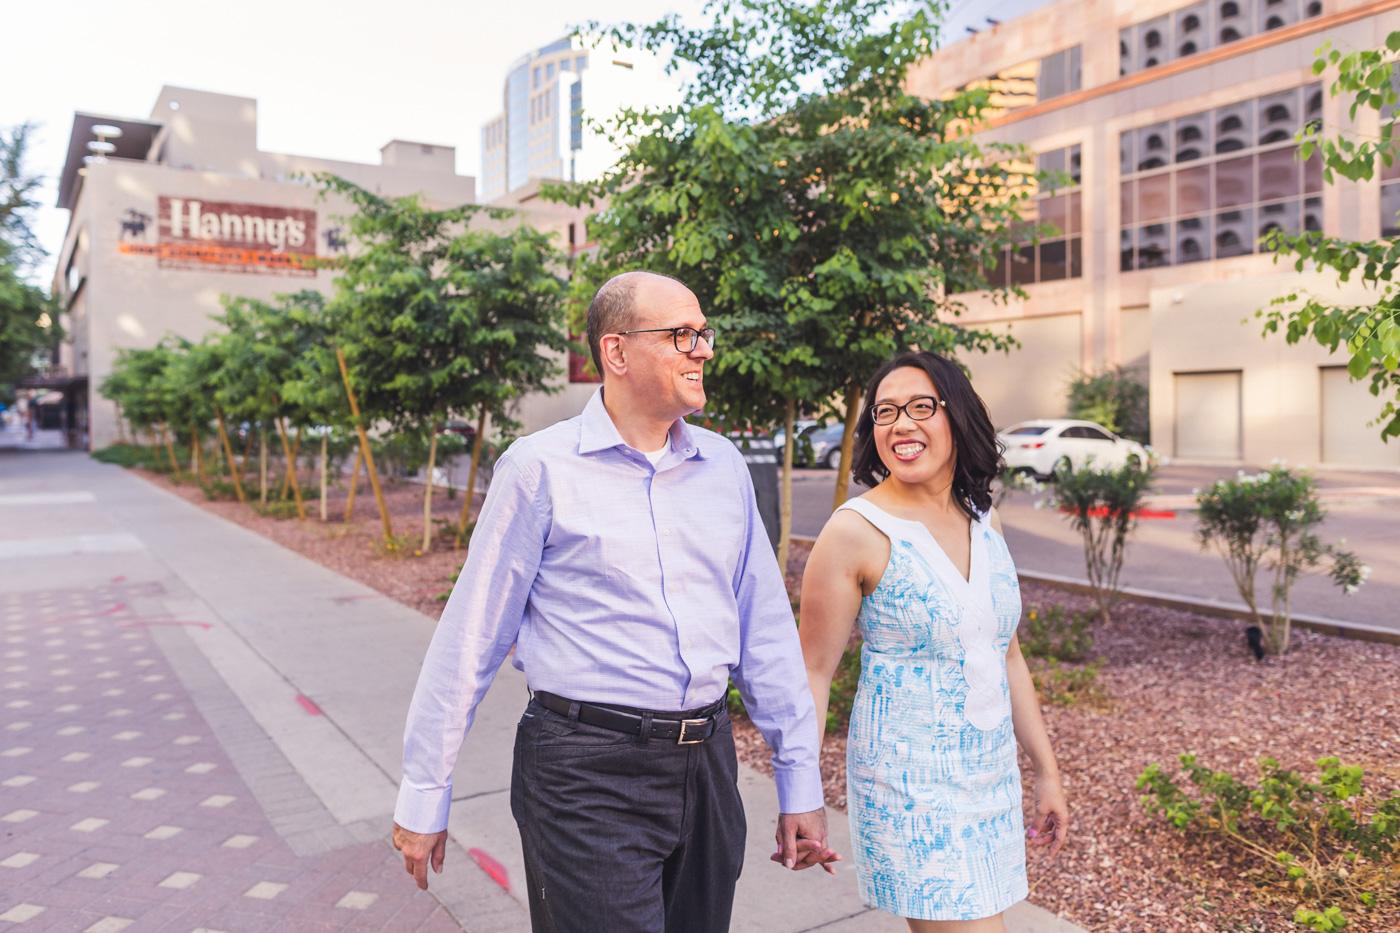 marian-joe-walking-downtown